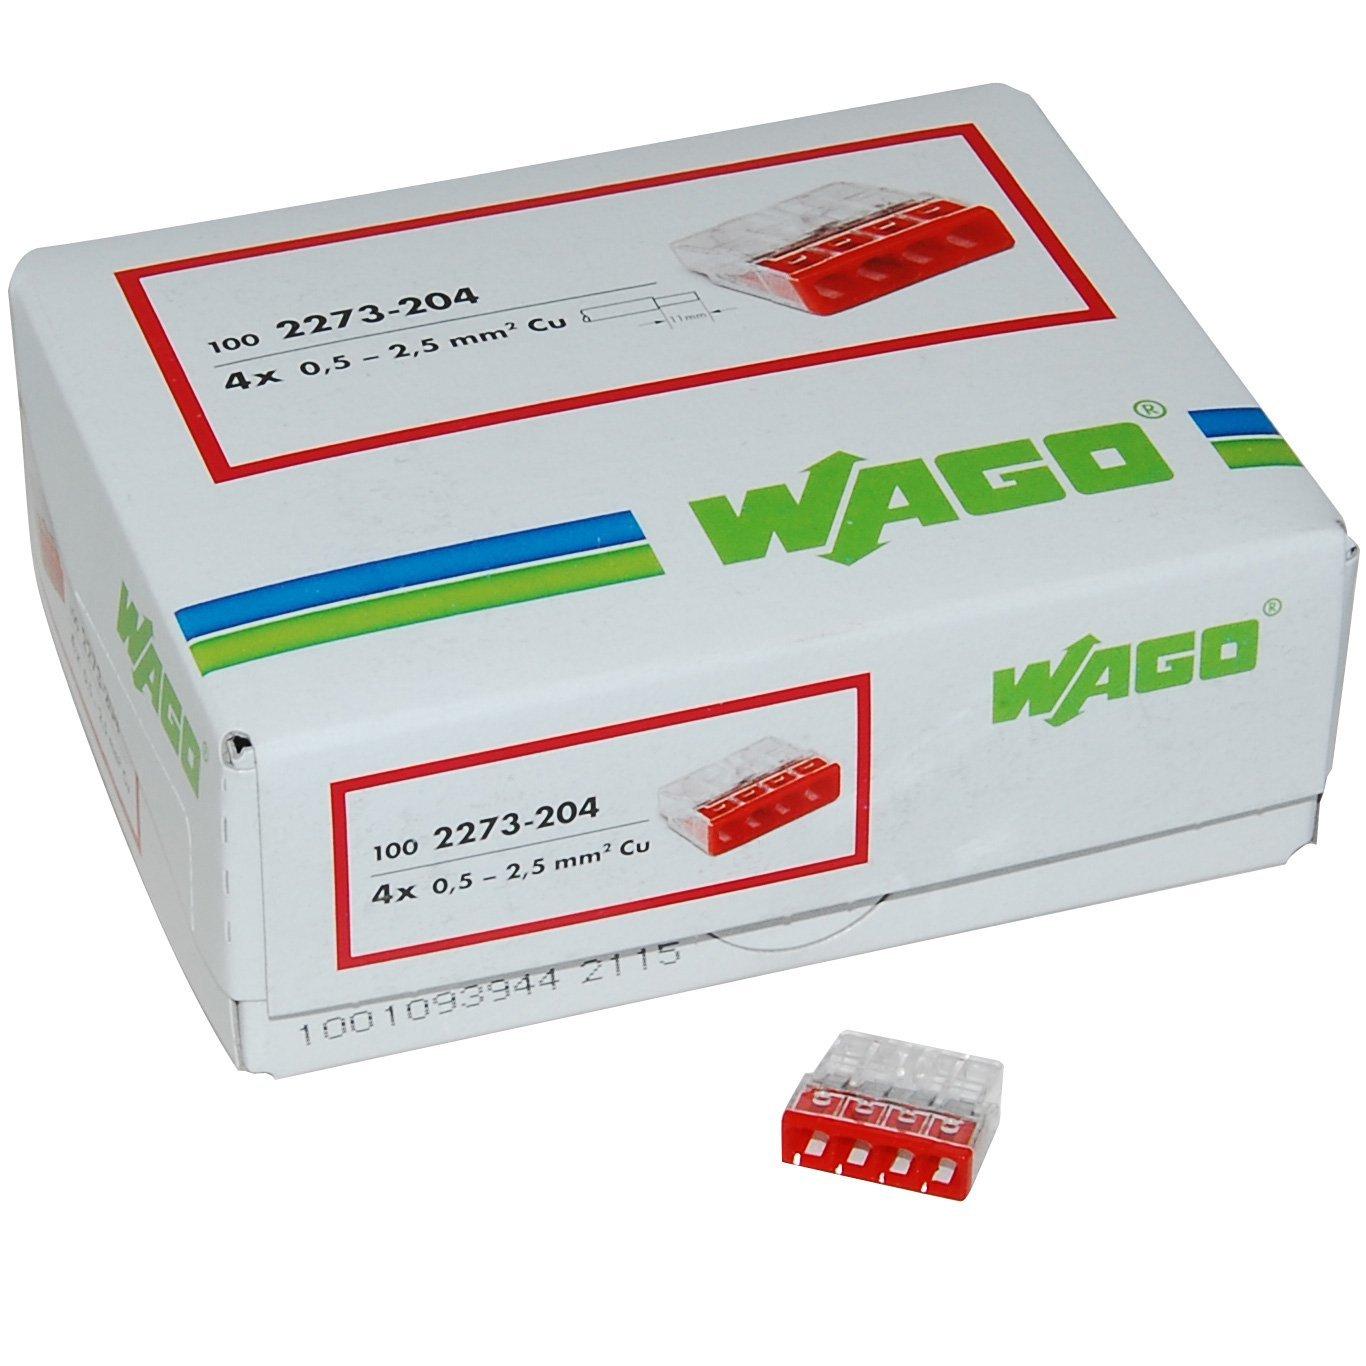 Amazon (Prime): 100 Stück Wago automatische 4-Leiter Compact-Verbindungsklemmen 4x0.5-2.5mm² (nur Vorbestellung)